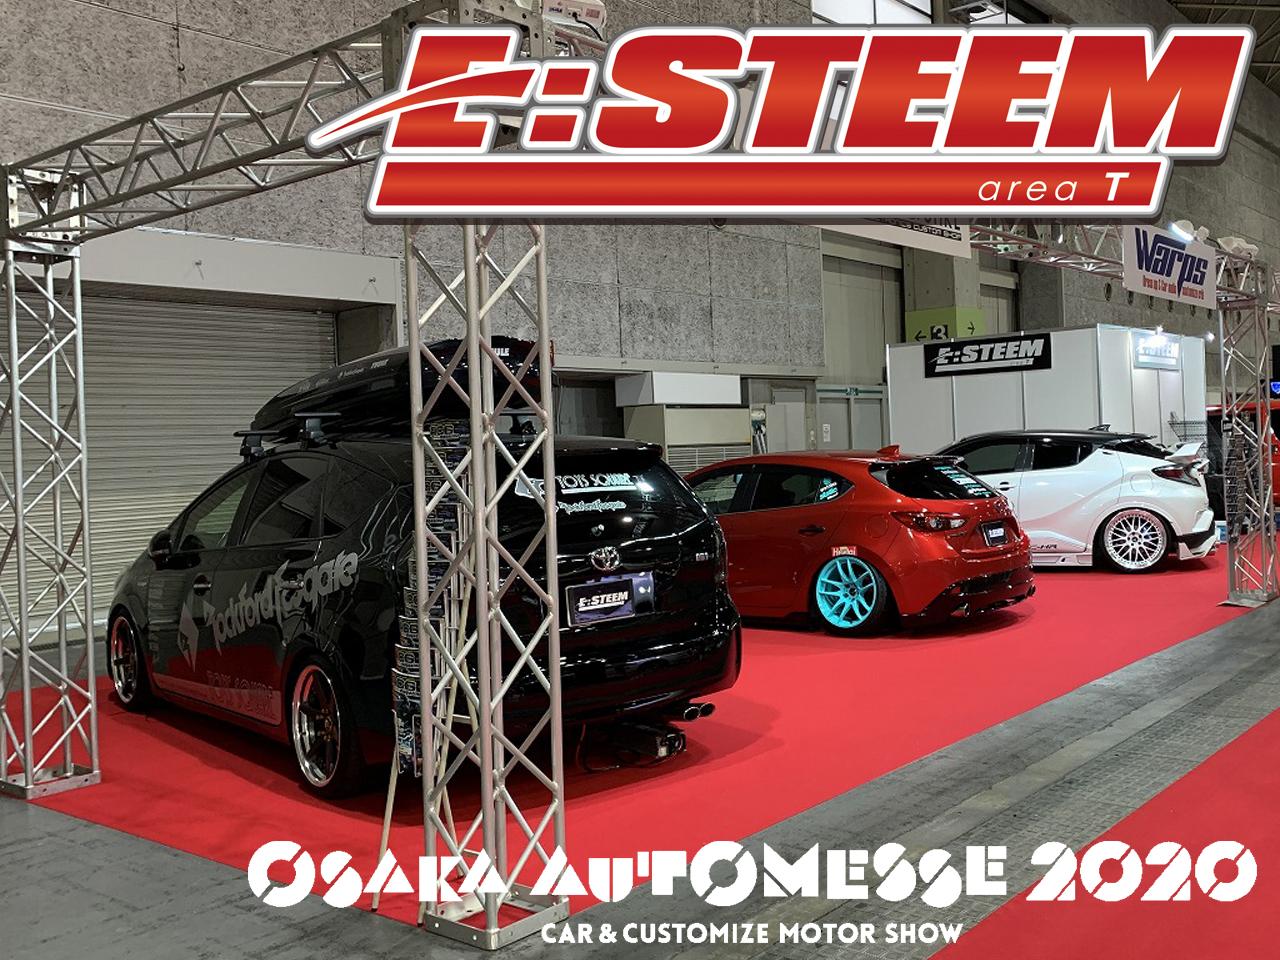 大阪オートメッセ2020 E:STEEMブースにオーディオカー登場